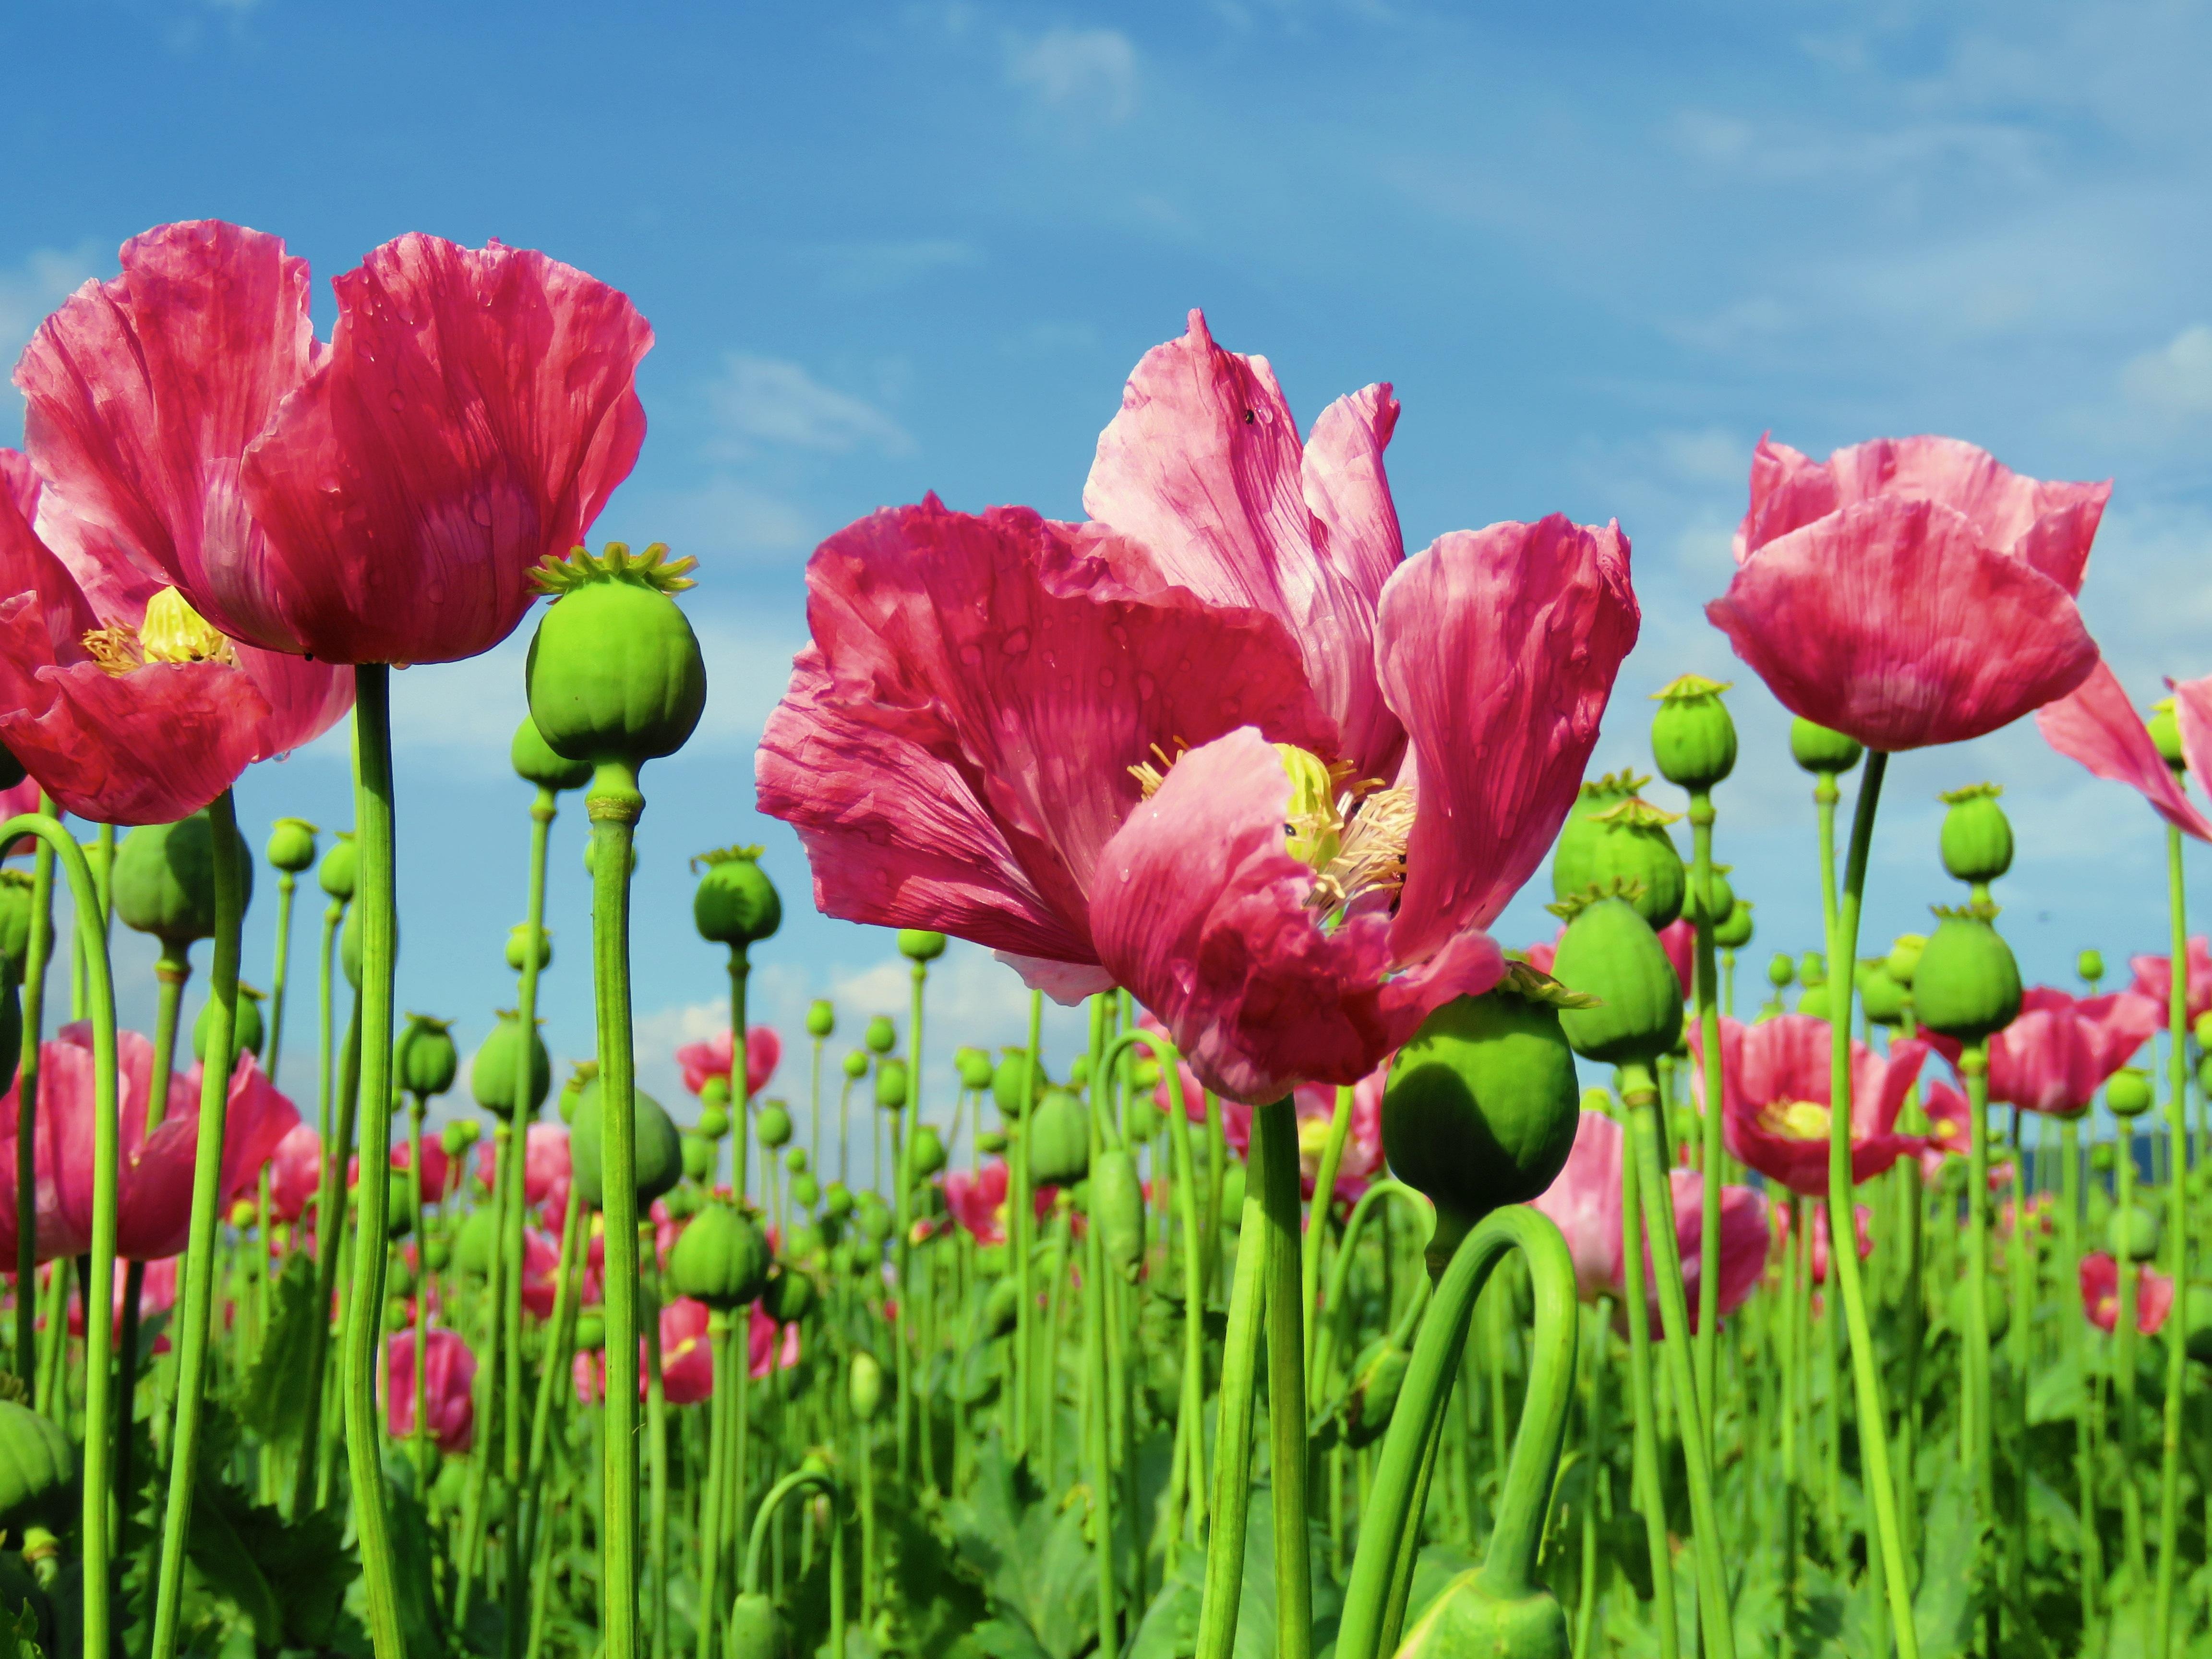 Free Images Meadow Petal Tulip Flora Poppy Flower Flowering